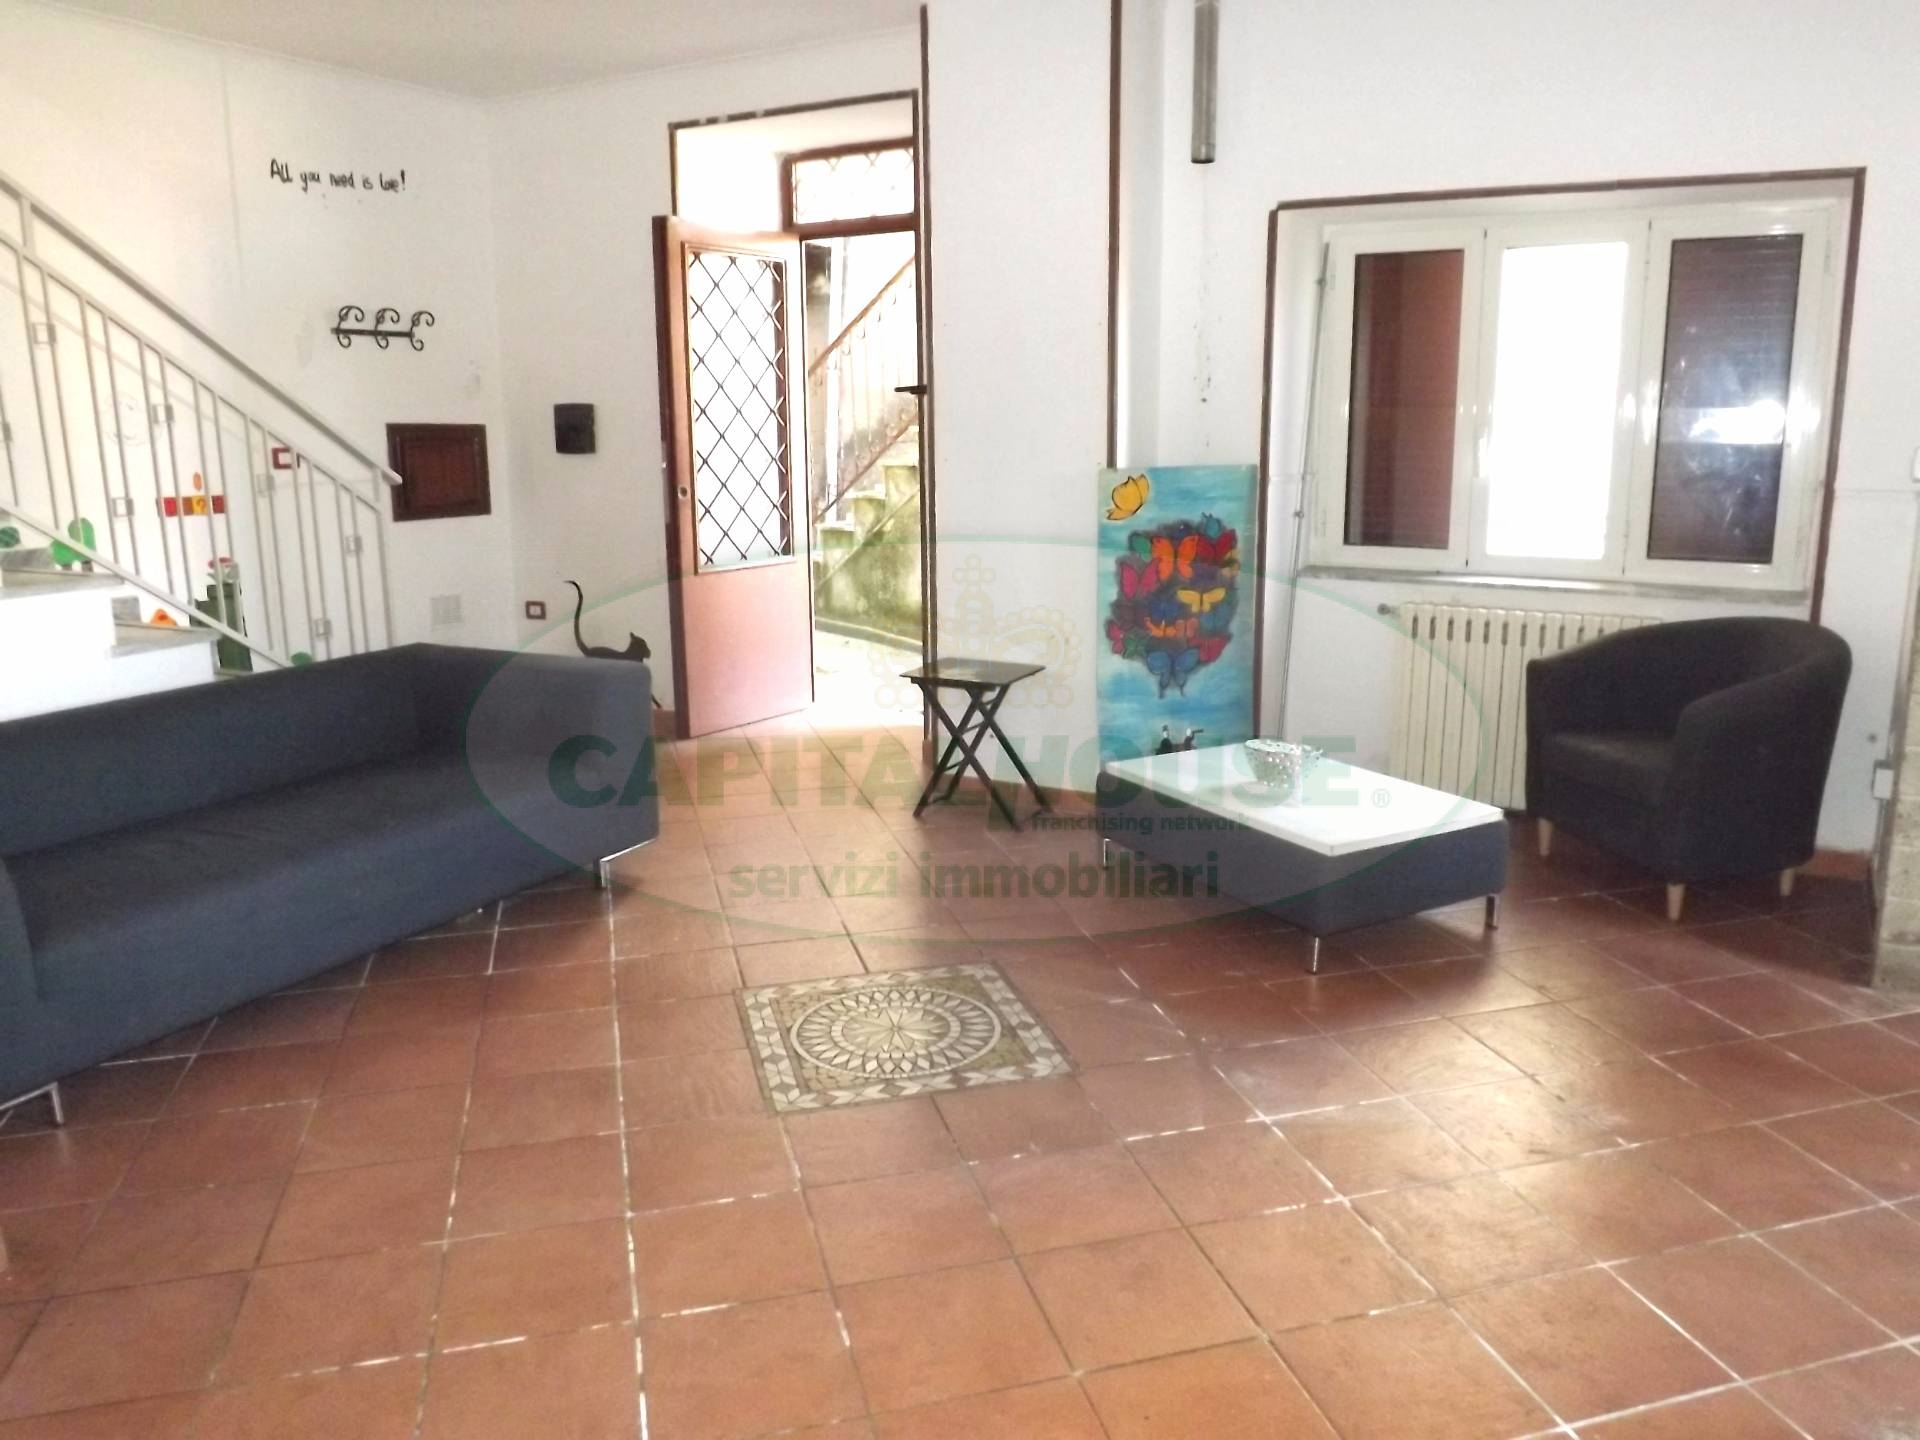 Soluzione Semindipendente in vendita a Cesinali, 3 locali, prezzo € 60.000 | Cambio Casa.it